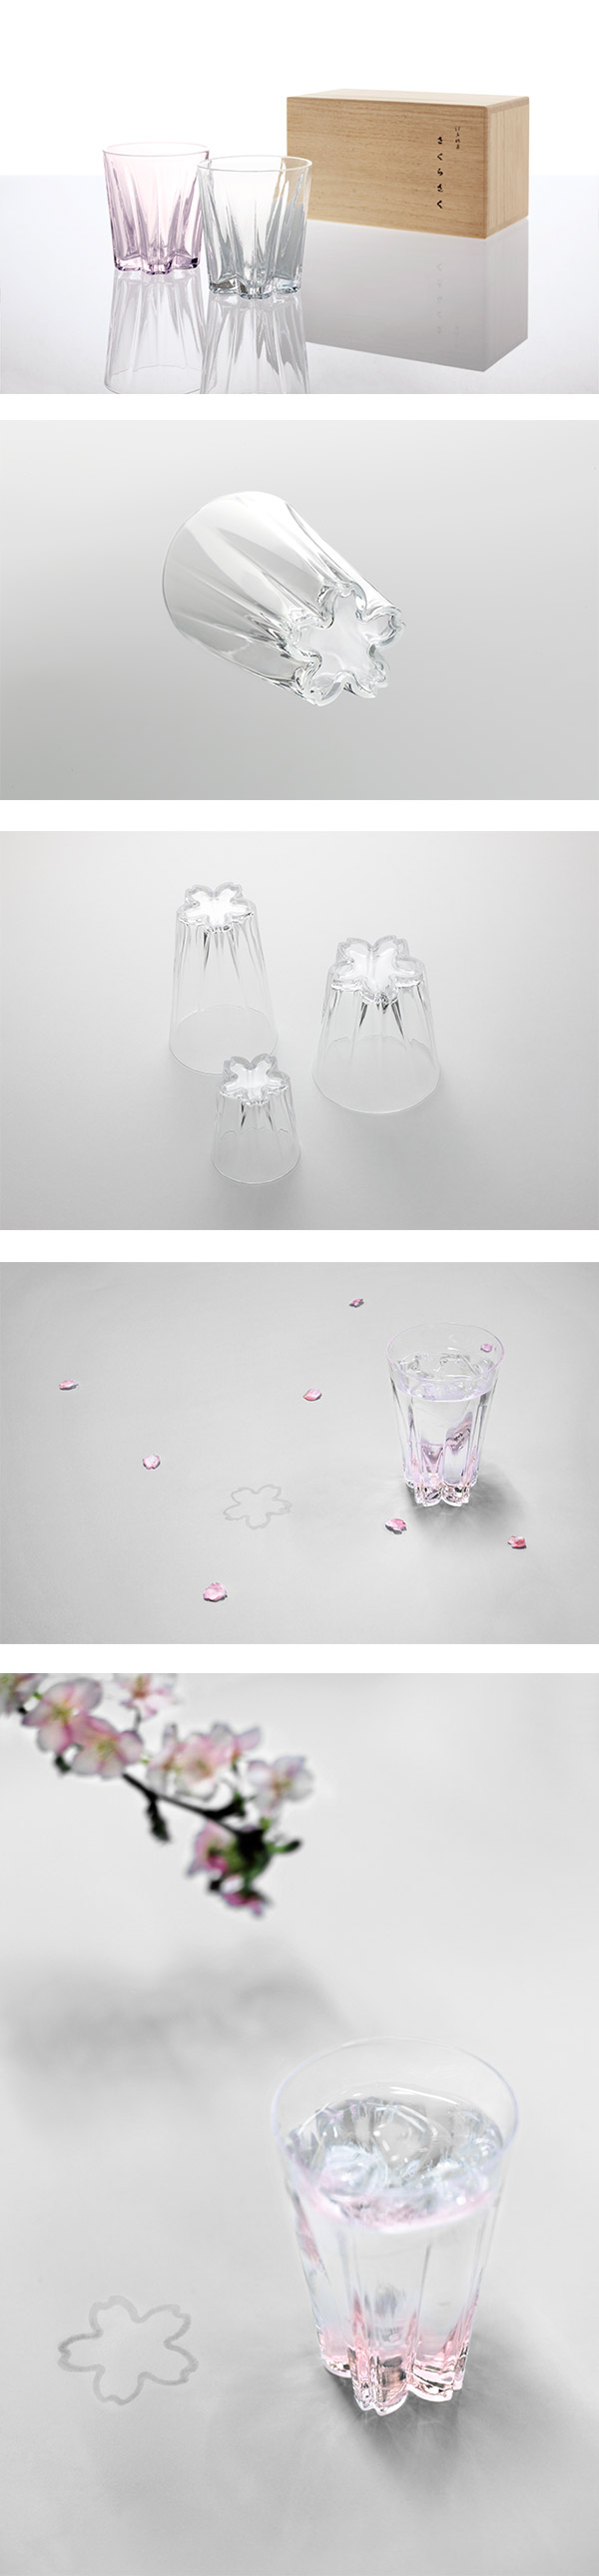 日本 Perrocaliente SAKURASAKU 櫻花杯 雙入同款不同色 威士忌杯 透明&櫻花粉